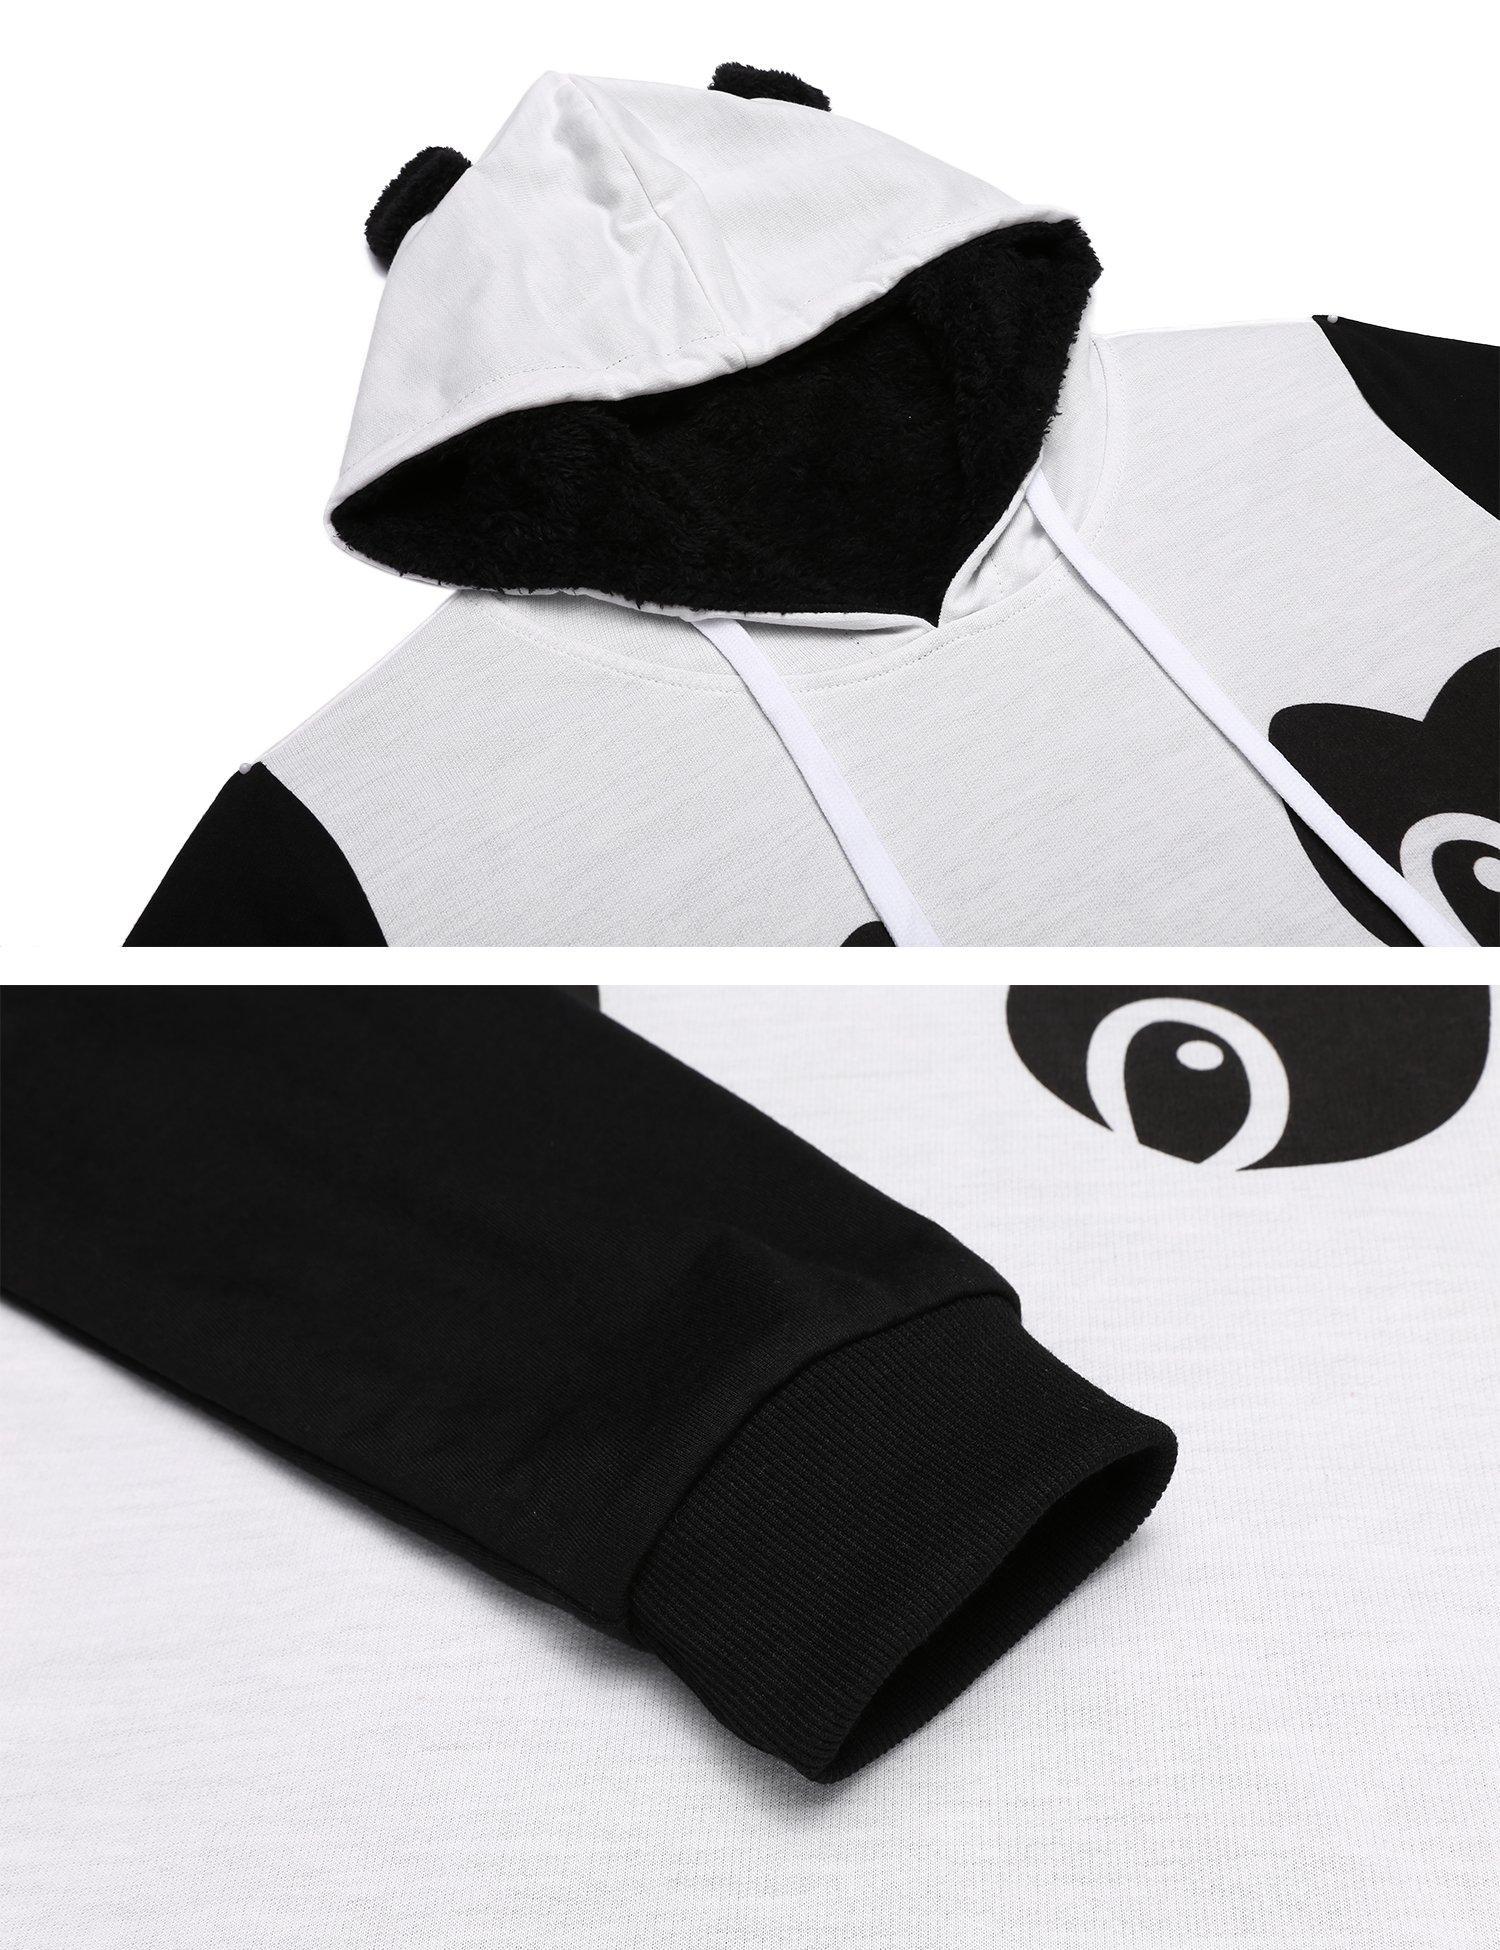 Zeagoo Women's Loose Fit Pullover Hoodie Sweatshirt with Kangaroo Pocket,White,M by Zeagoo (Image #6)